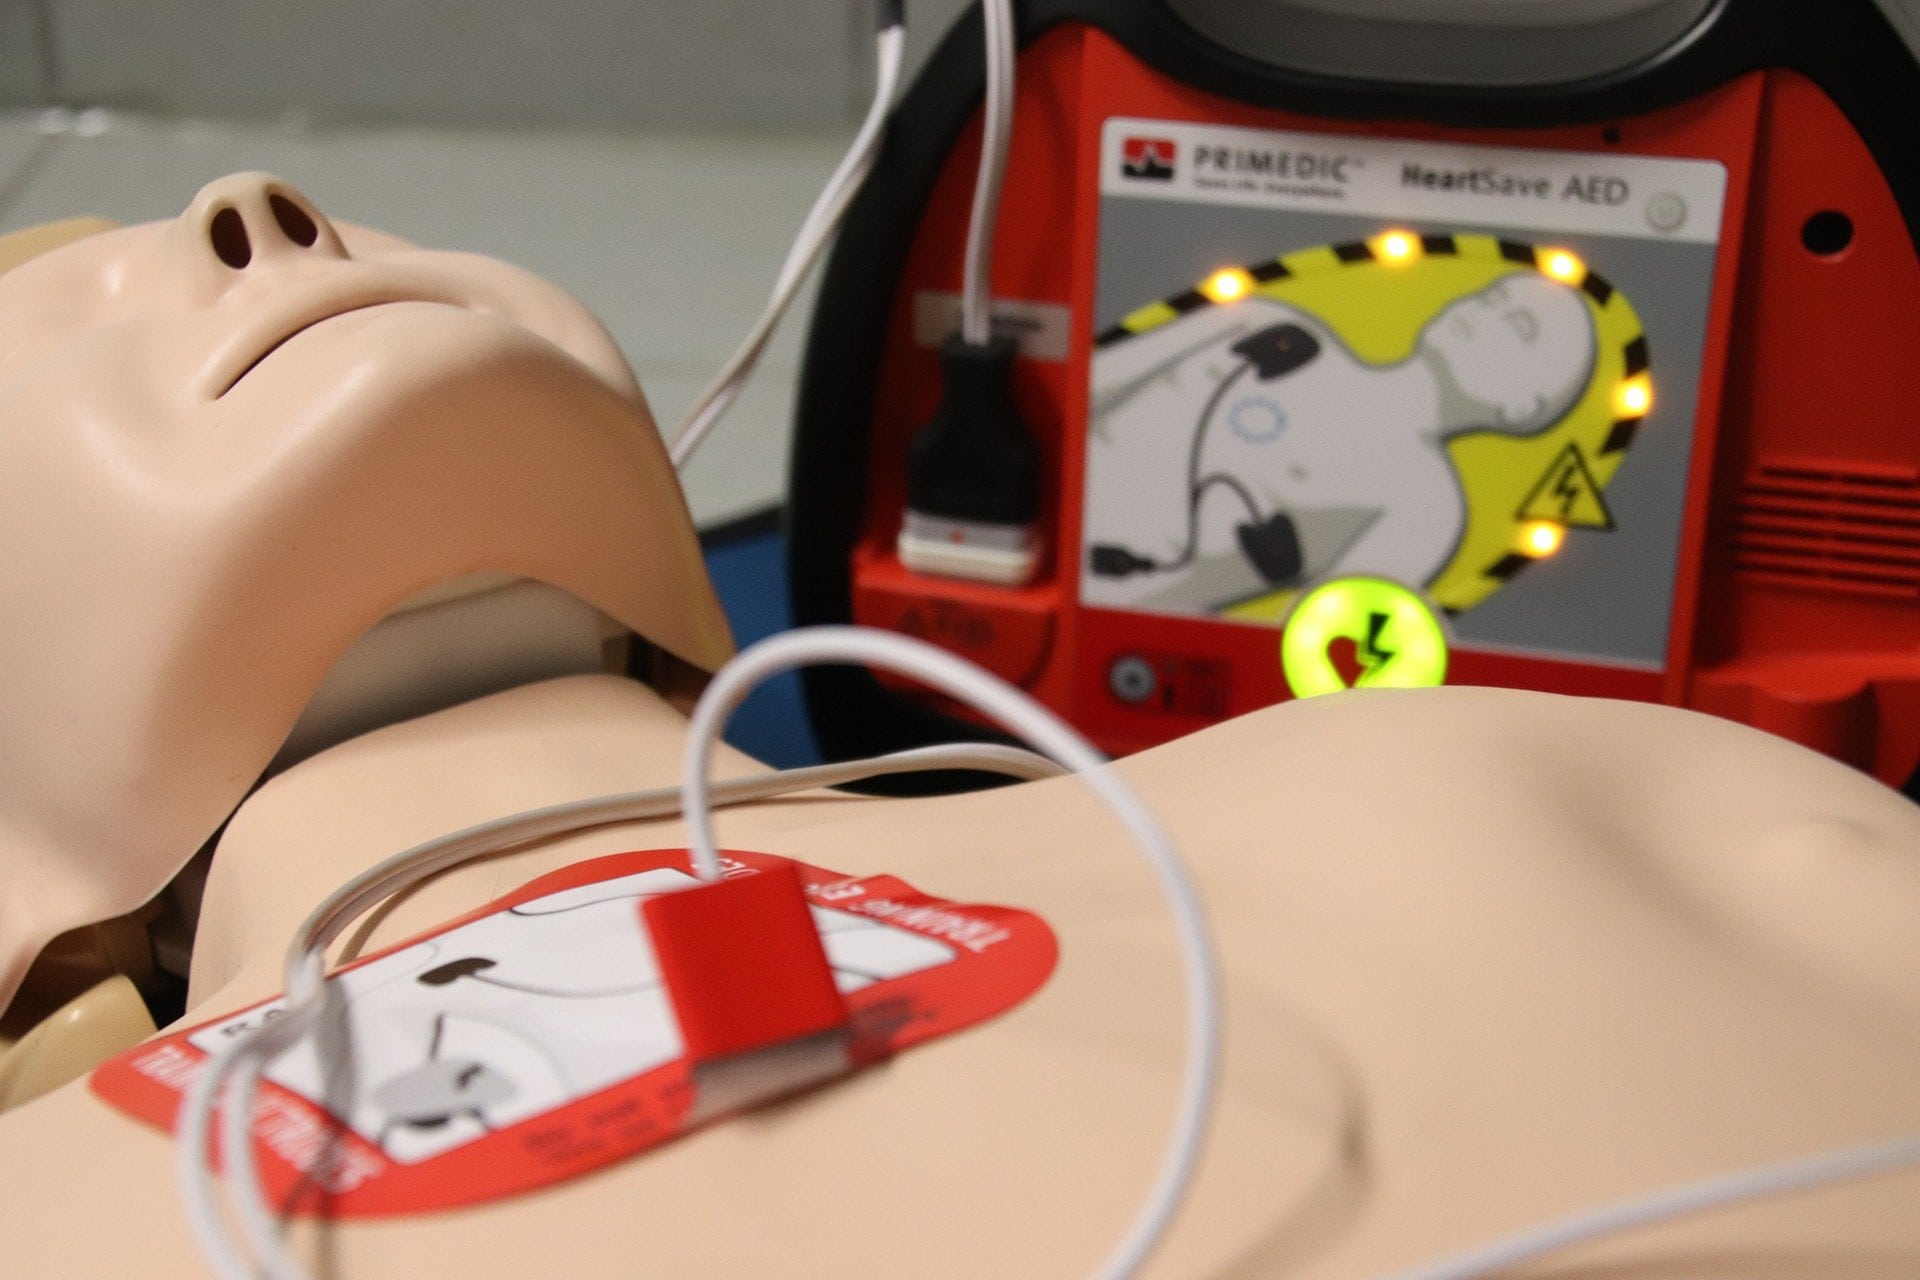 Resuscitation dummy next to a defibrillator - one of the defibrillator pads is on the dummy's chest.